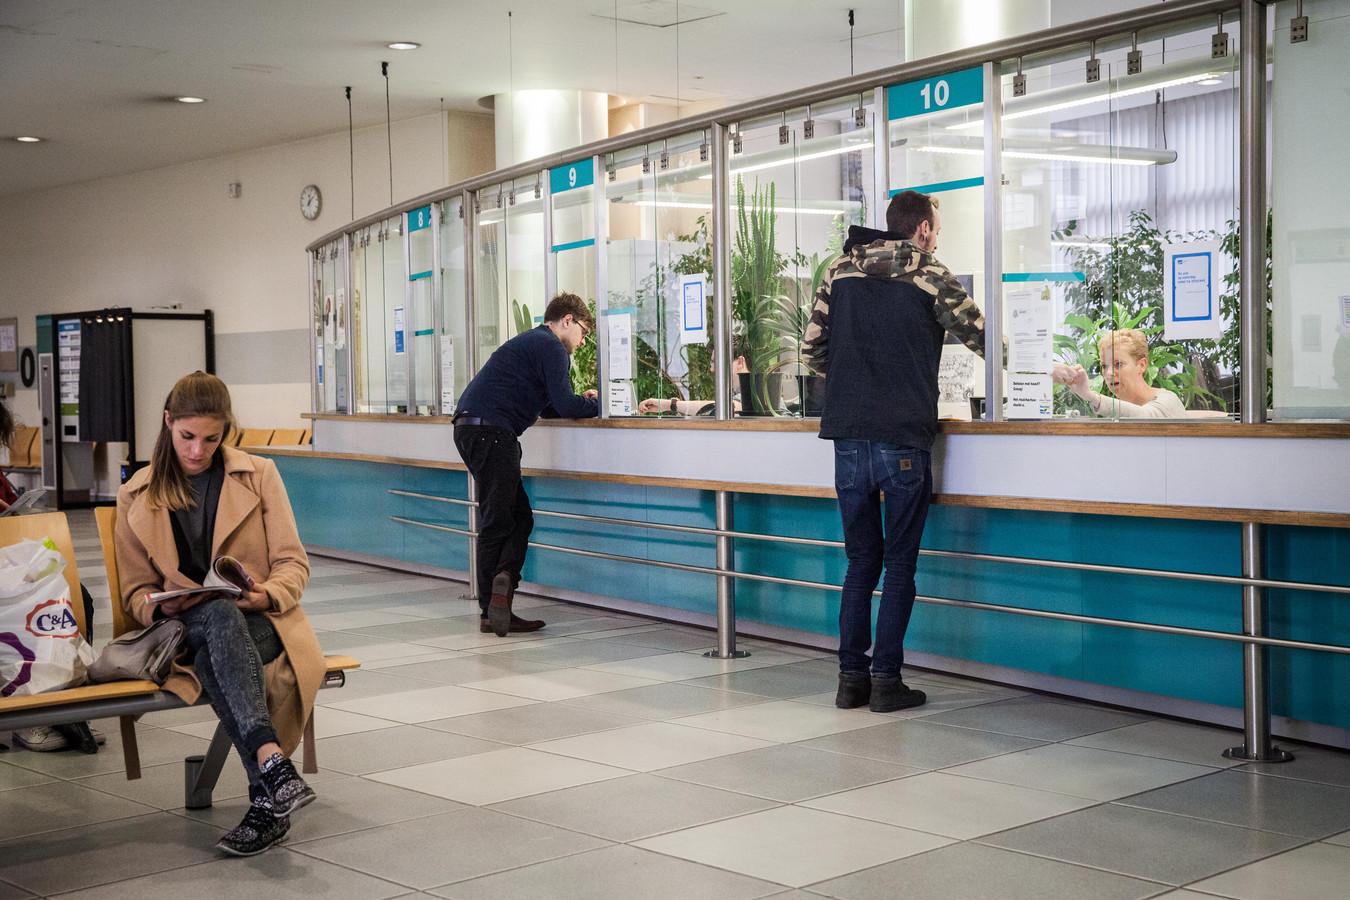 Archiefbeeld: onder meer in het dienstencentrum van de Stad Gent zijn verschillende ambtenaren aan het werk.